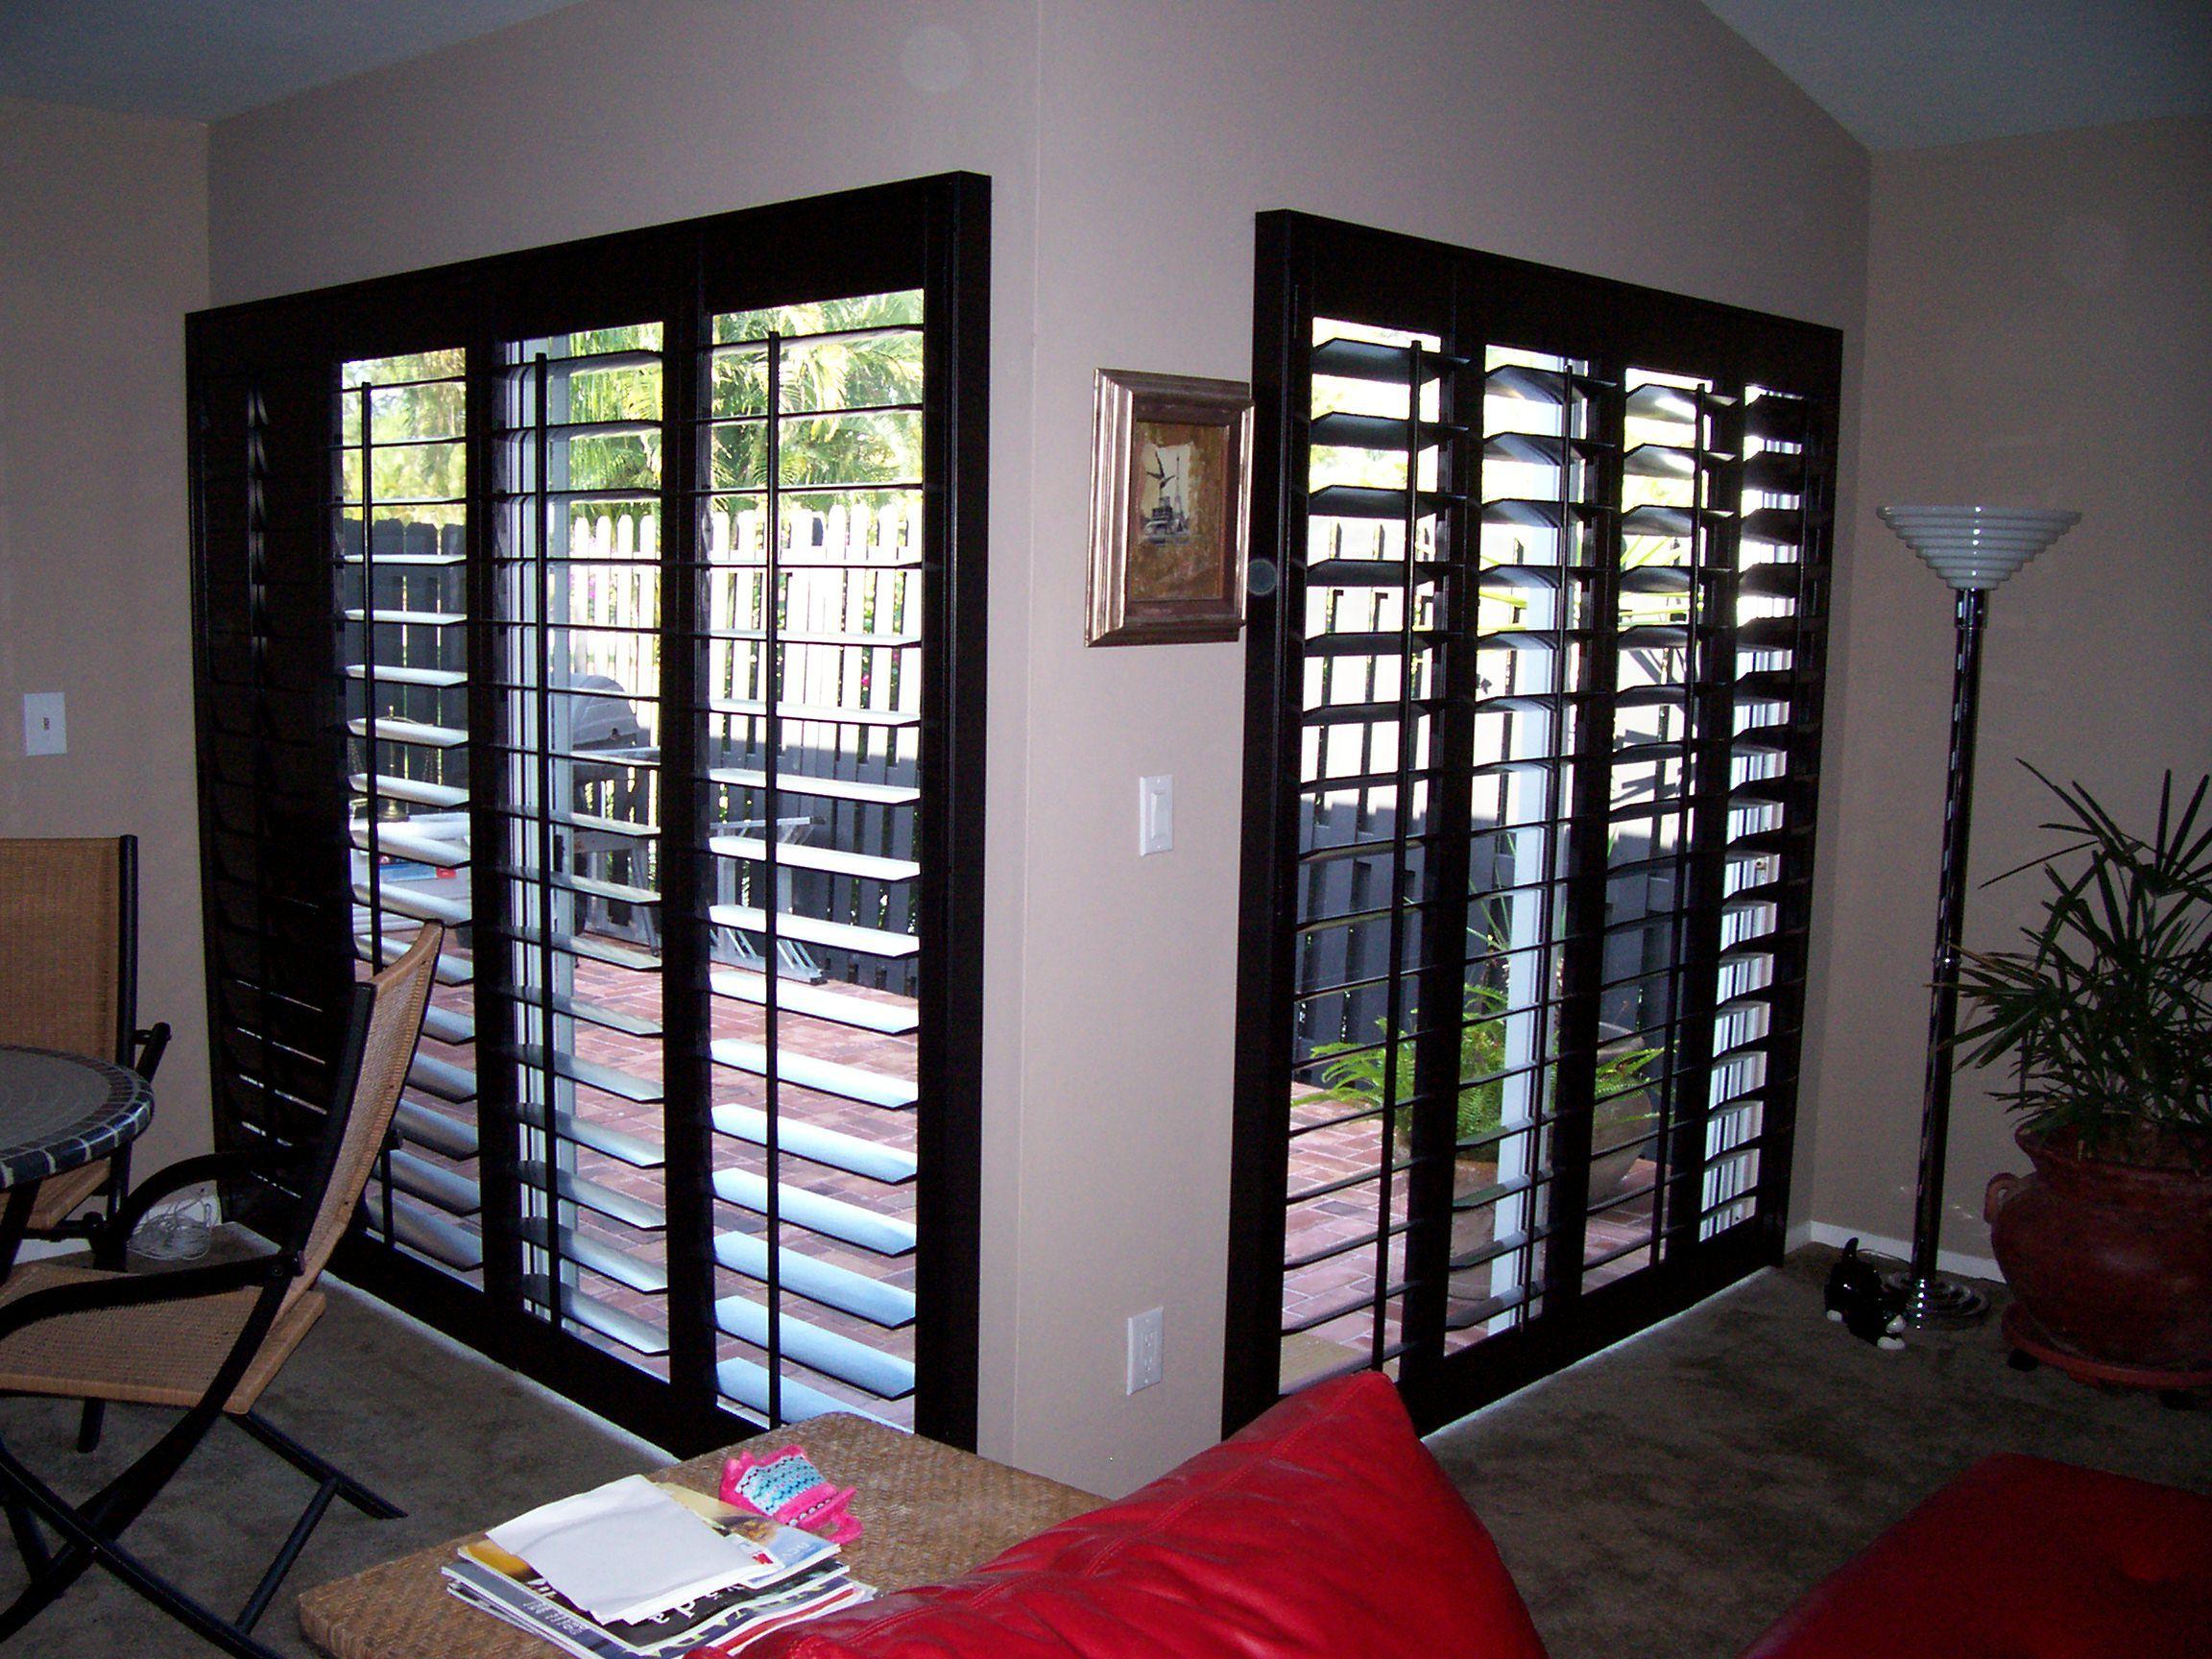 Home front bekommen design sympathisch patio tür verschluss design für eine einfache